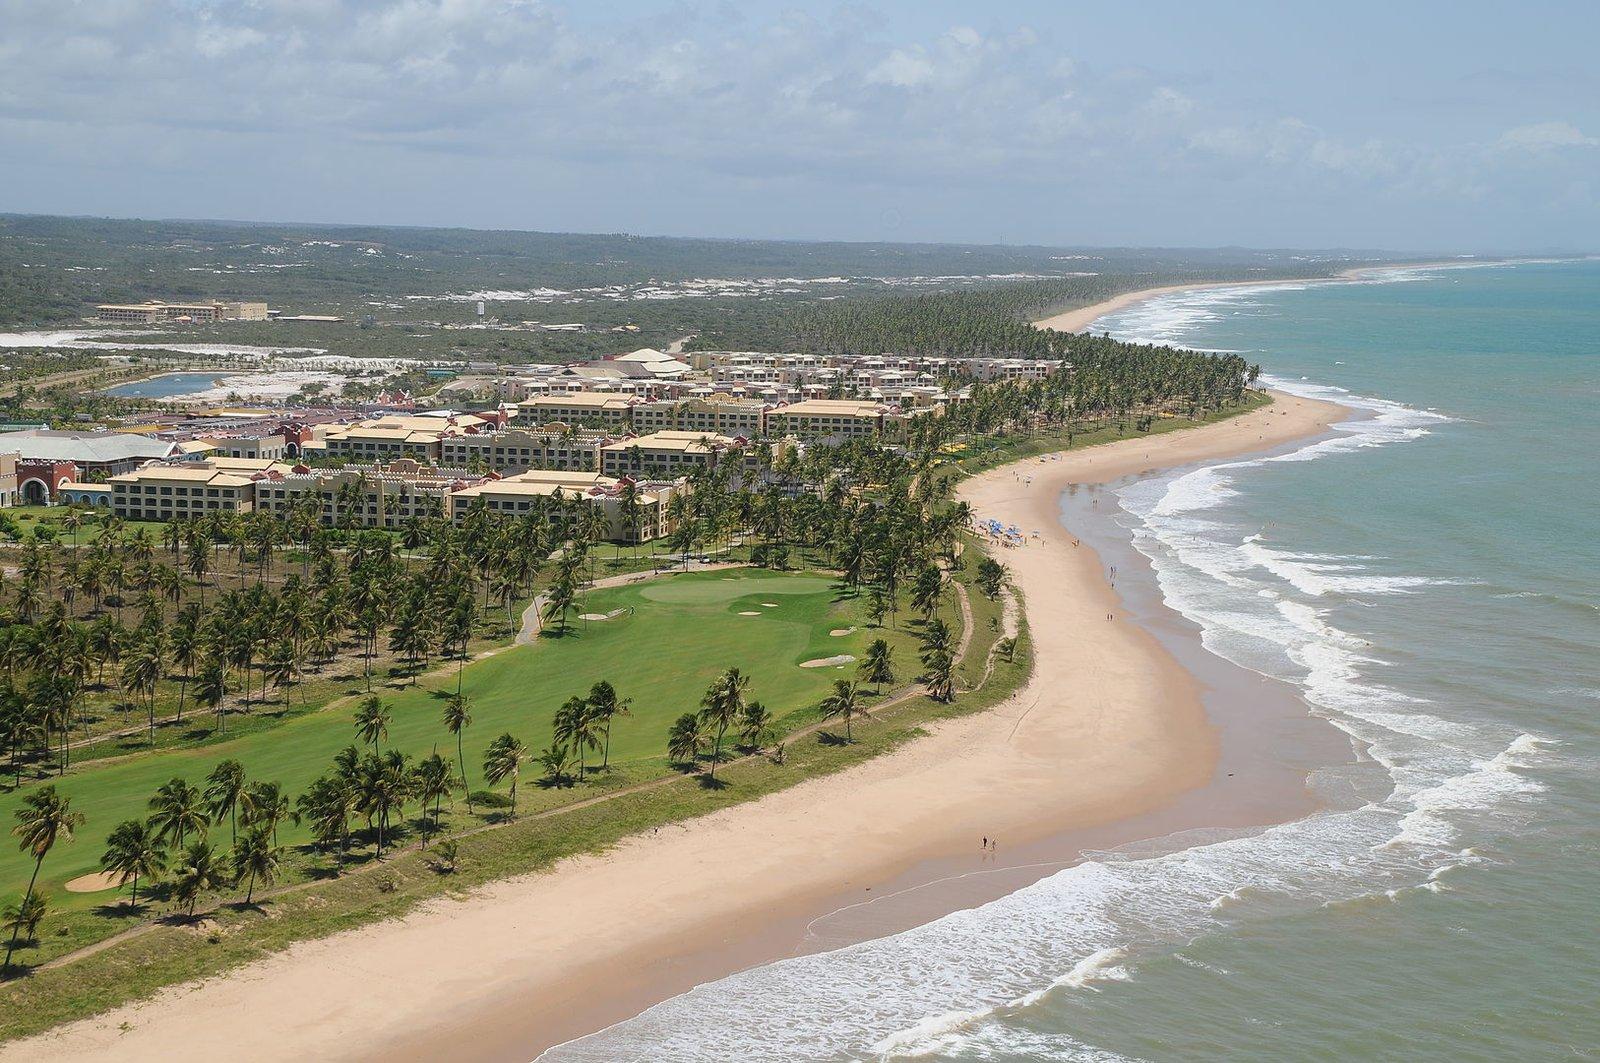 Vista aérea do Iberostar, Praia do Forte - Bahia.